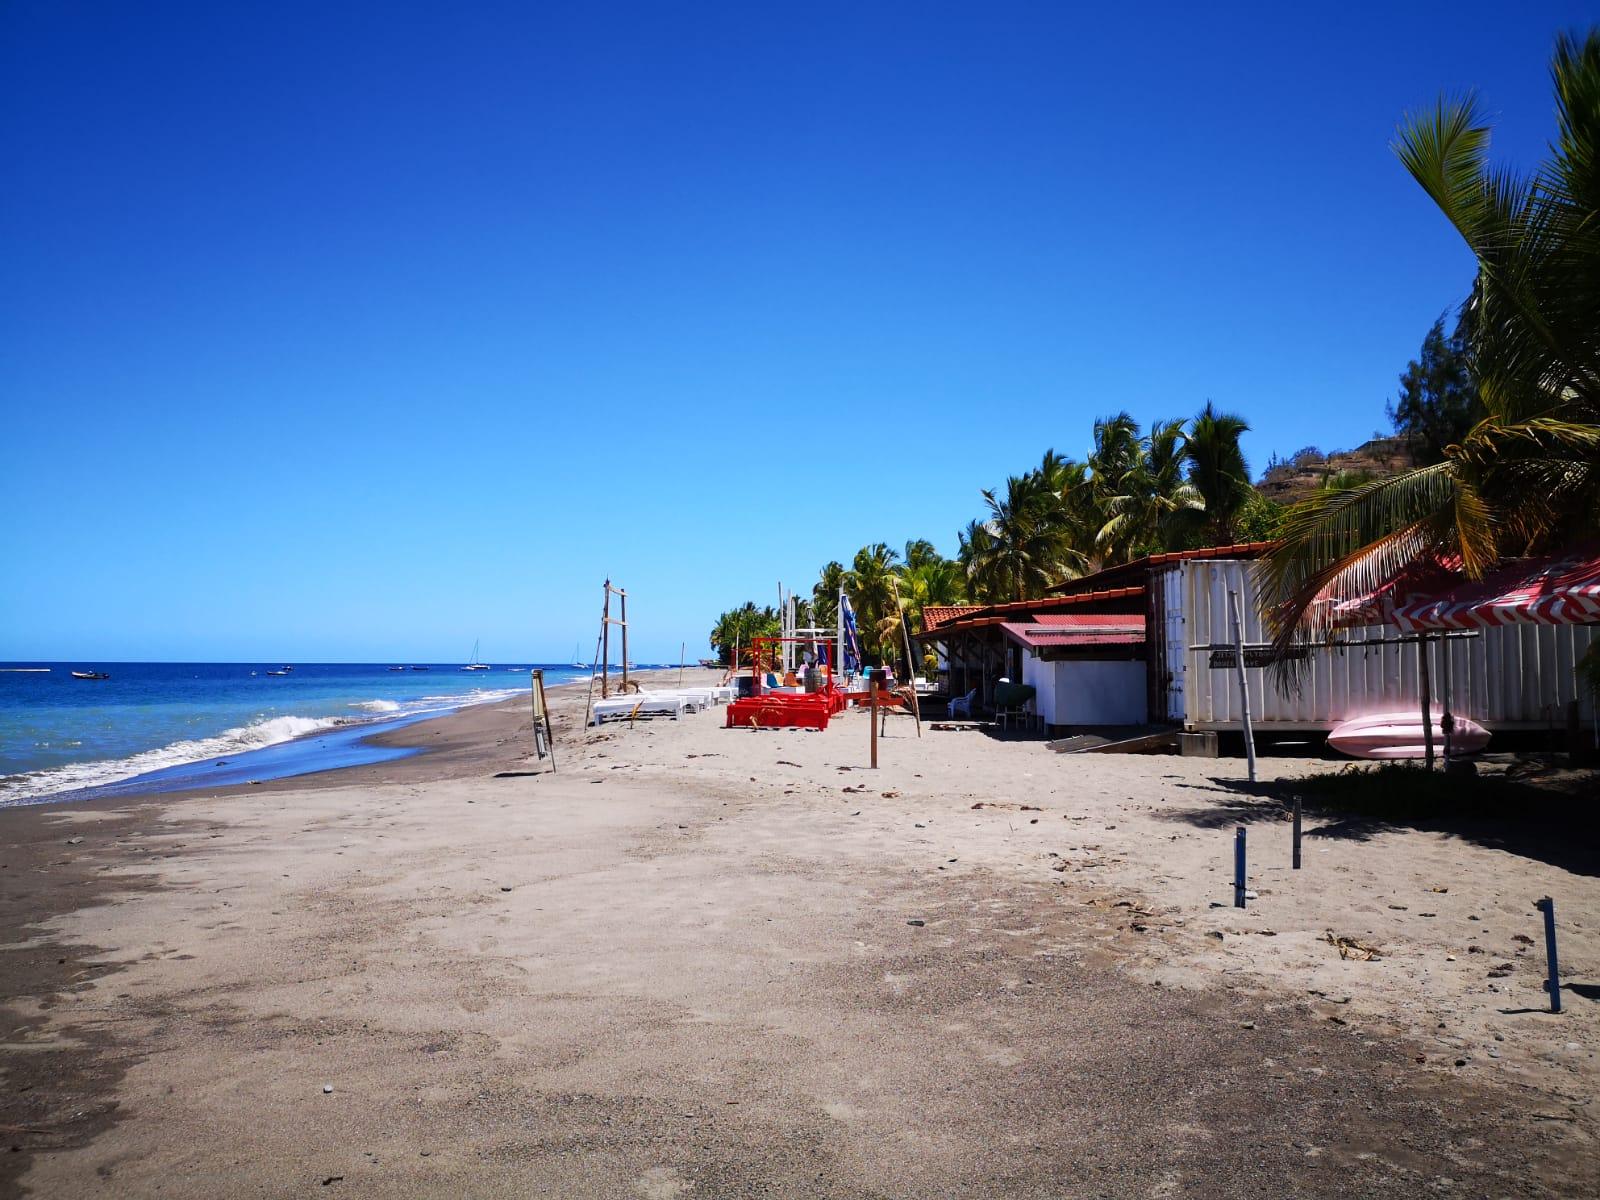 Le préfet autorise l'accès aux plages de Martinique et la navigation de plaisance